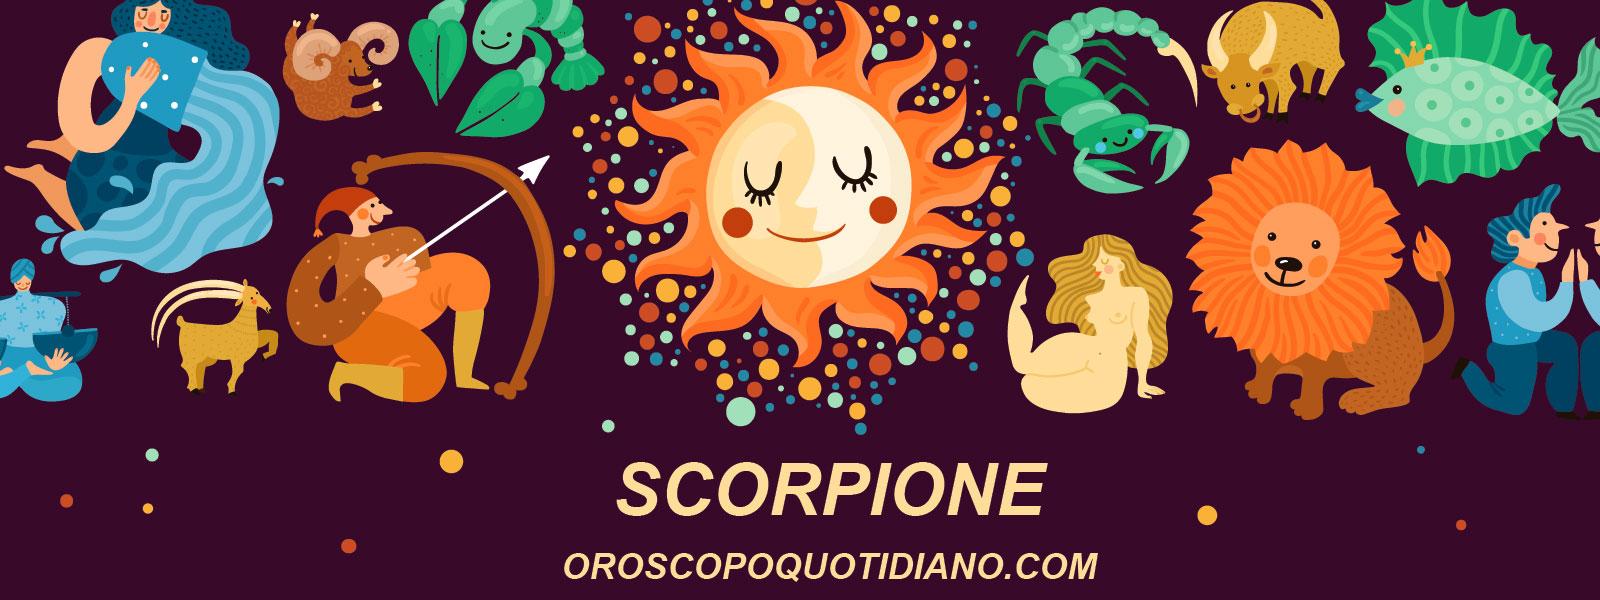 https://oroscopoquotidiano.com/wp-content/uploads/2020/02/Scorpione-per-Oroscopo-Quotidiano.jpg